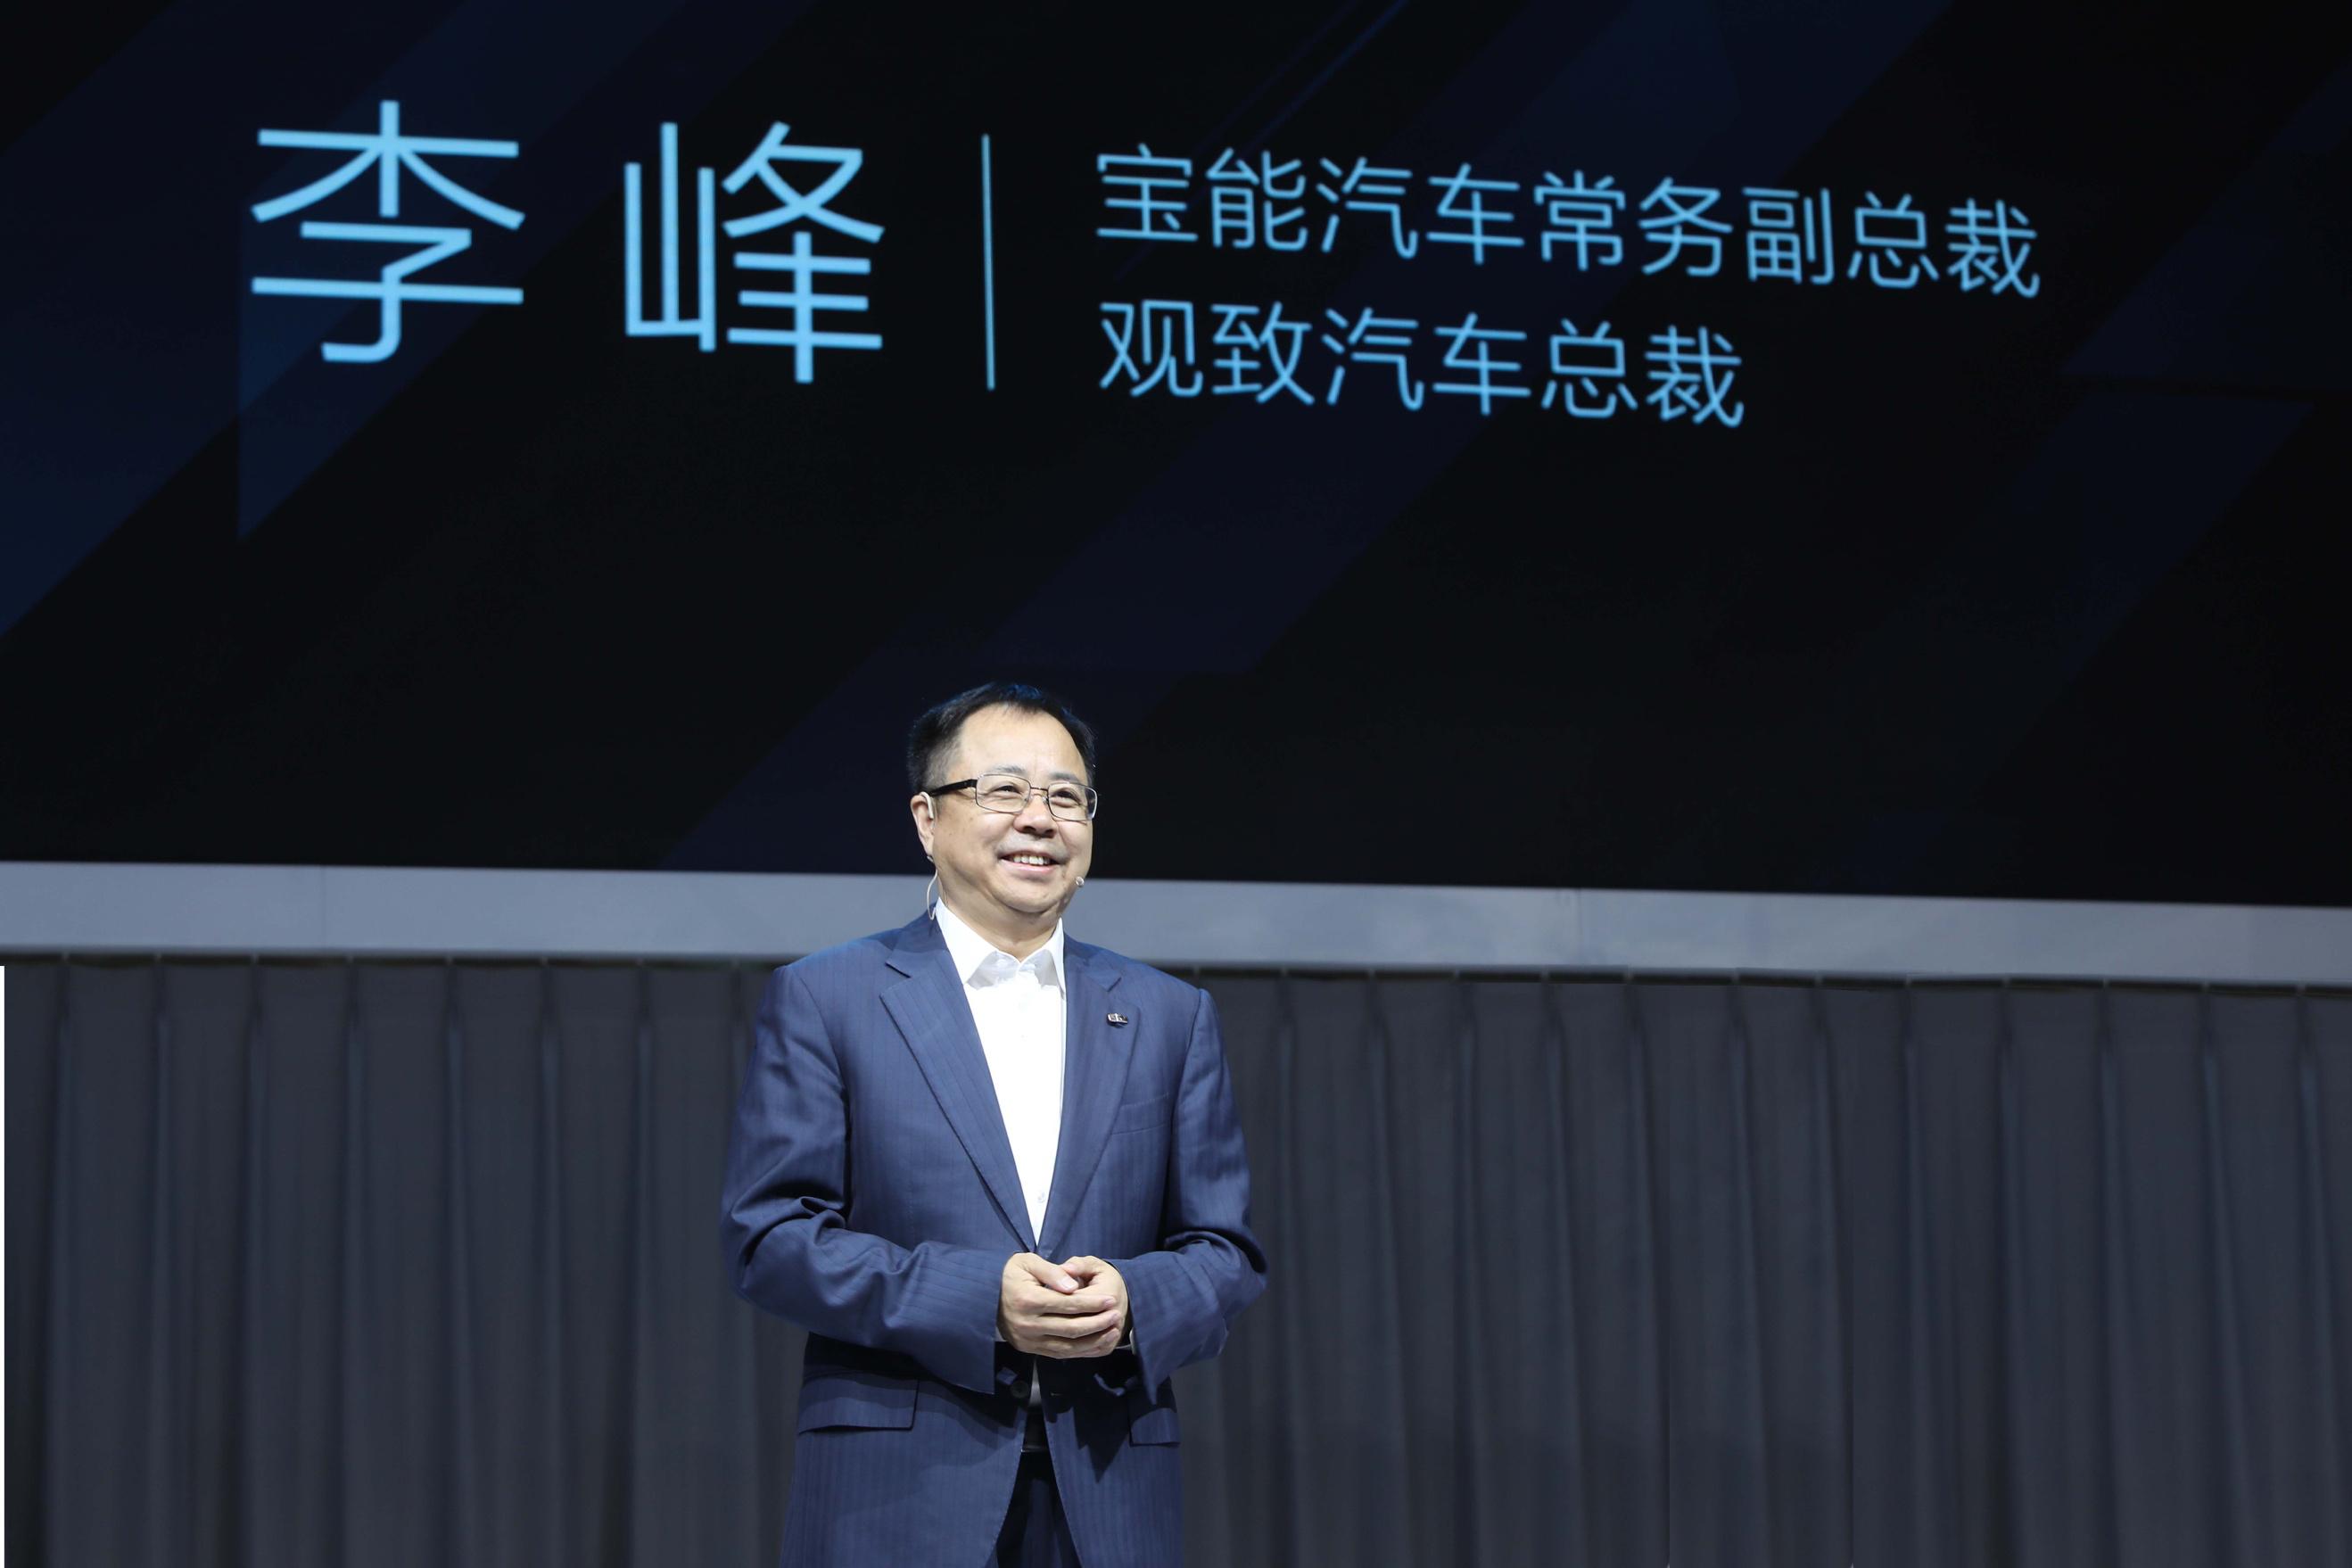 宝能汽车常务副总裁、观致汽车总裁李峰